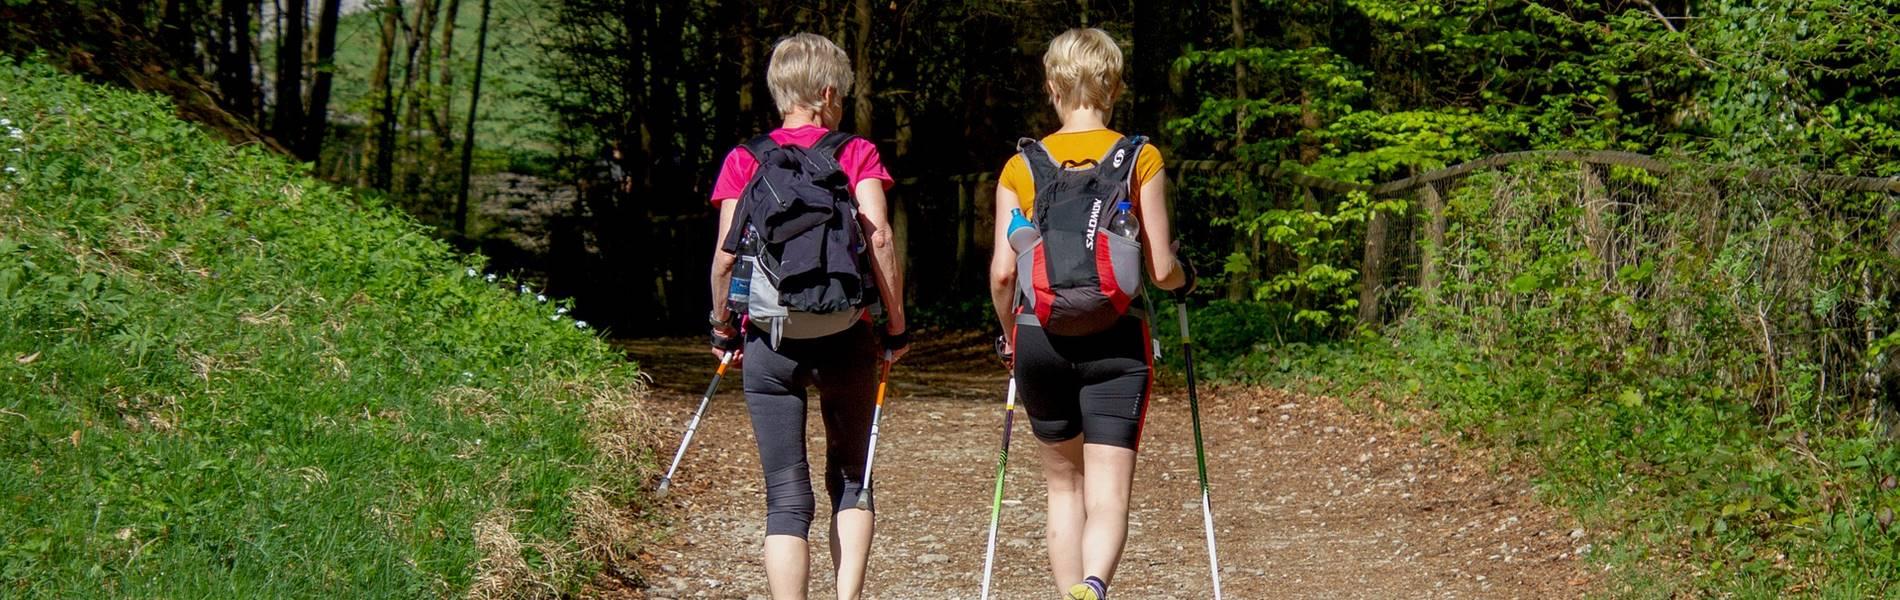 Wandern und Nordicwalking